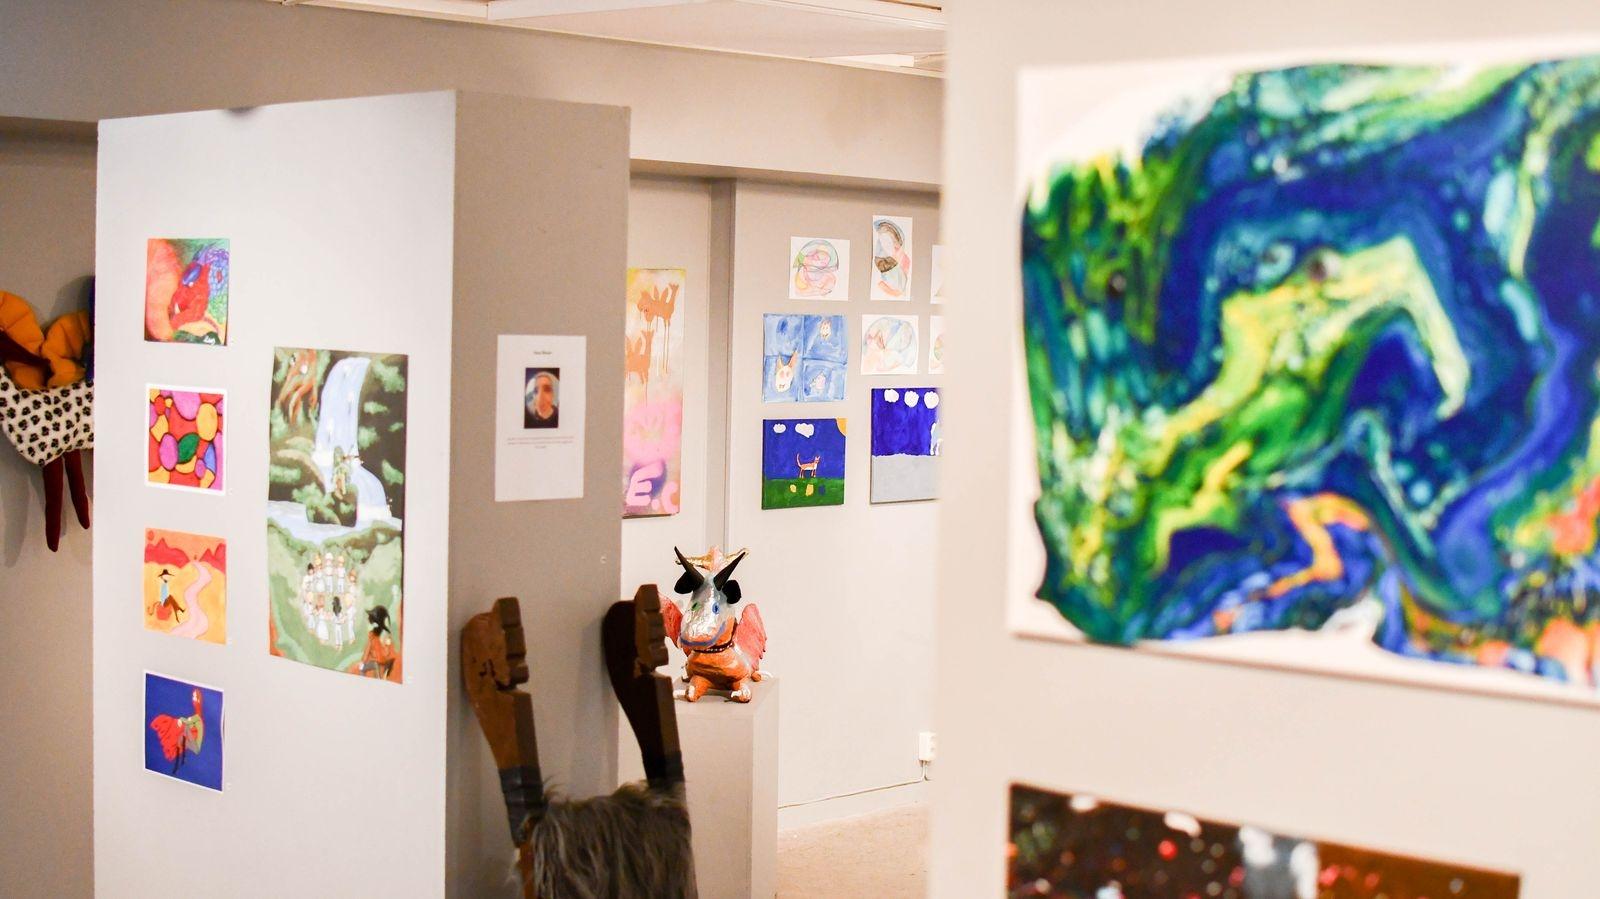 Konstskolan Unikum erbjuder en grundläggande konstutbildning för personer med en neuropsykiatrisk diagnos eller en kognitiv funktionsnedsättning.